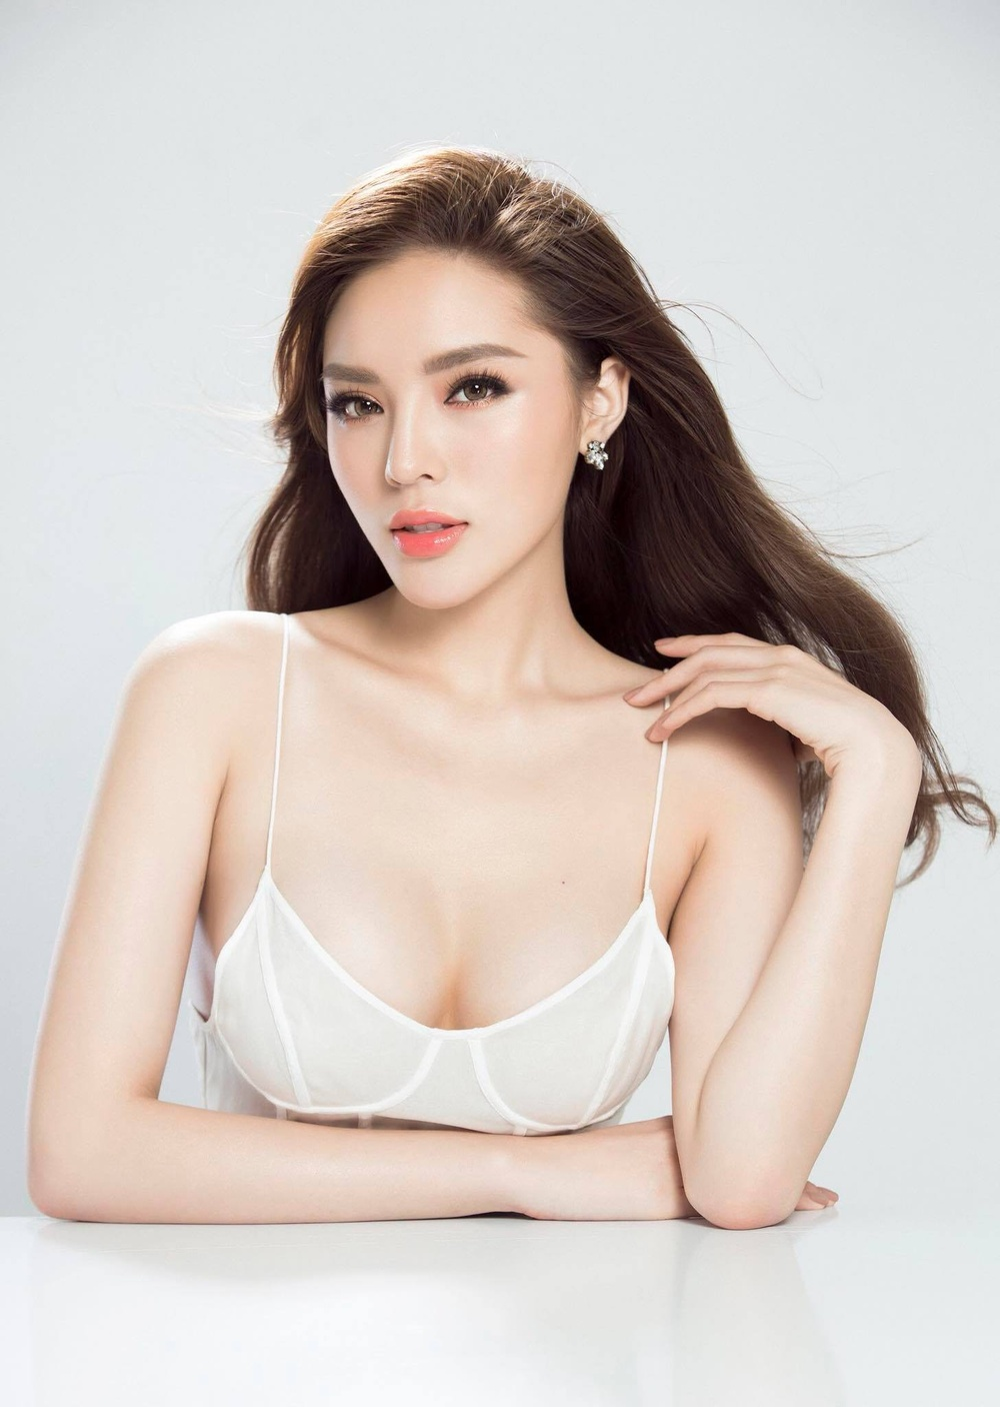 Vẻ đẹp thuần khiết của 16 cô gái thuở mới đăng quang Hoa hậu Việt Nam: Chờ đợi nhan sắc kế nhiệm Tiểu Vy Ảnh 7